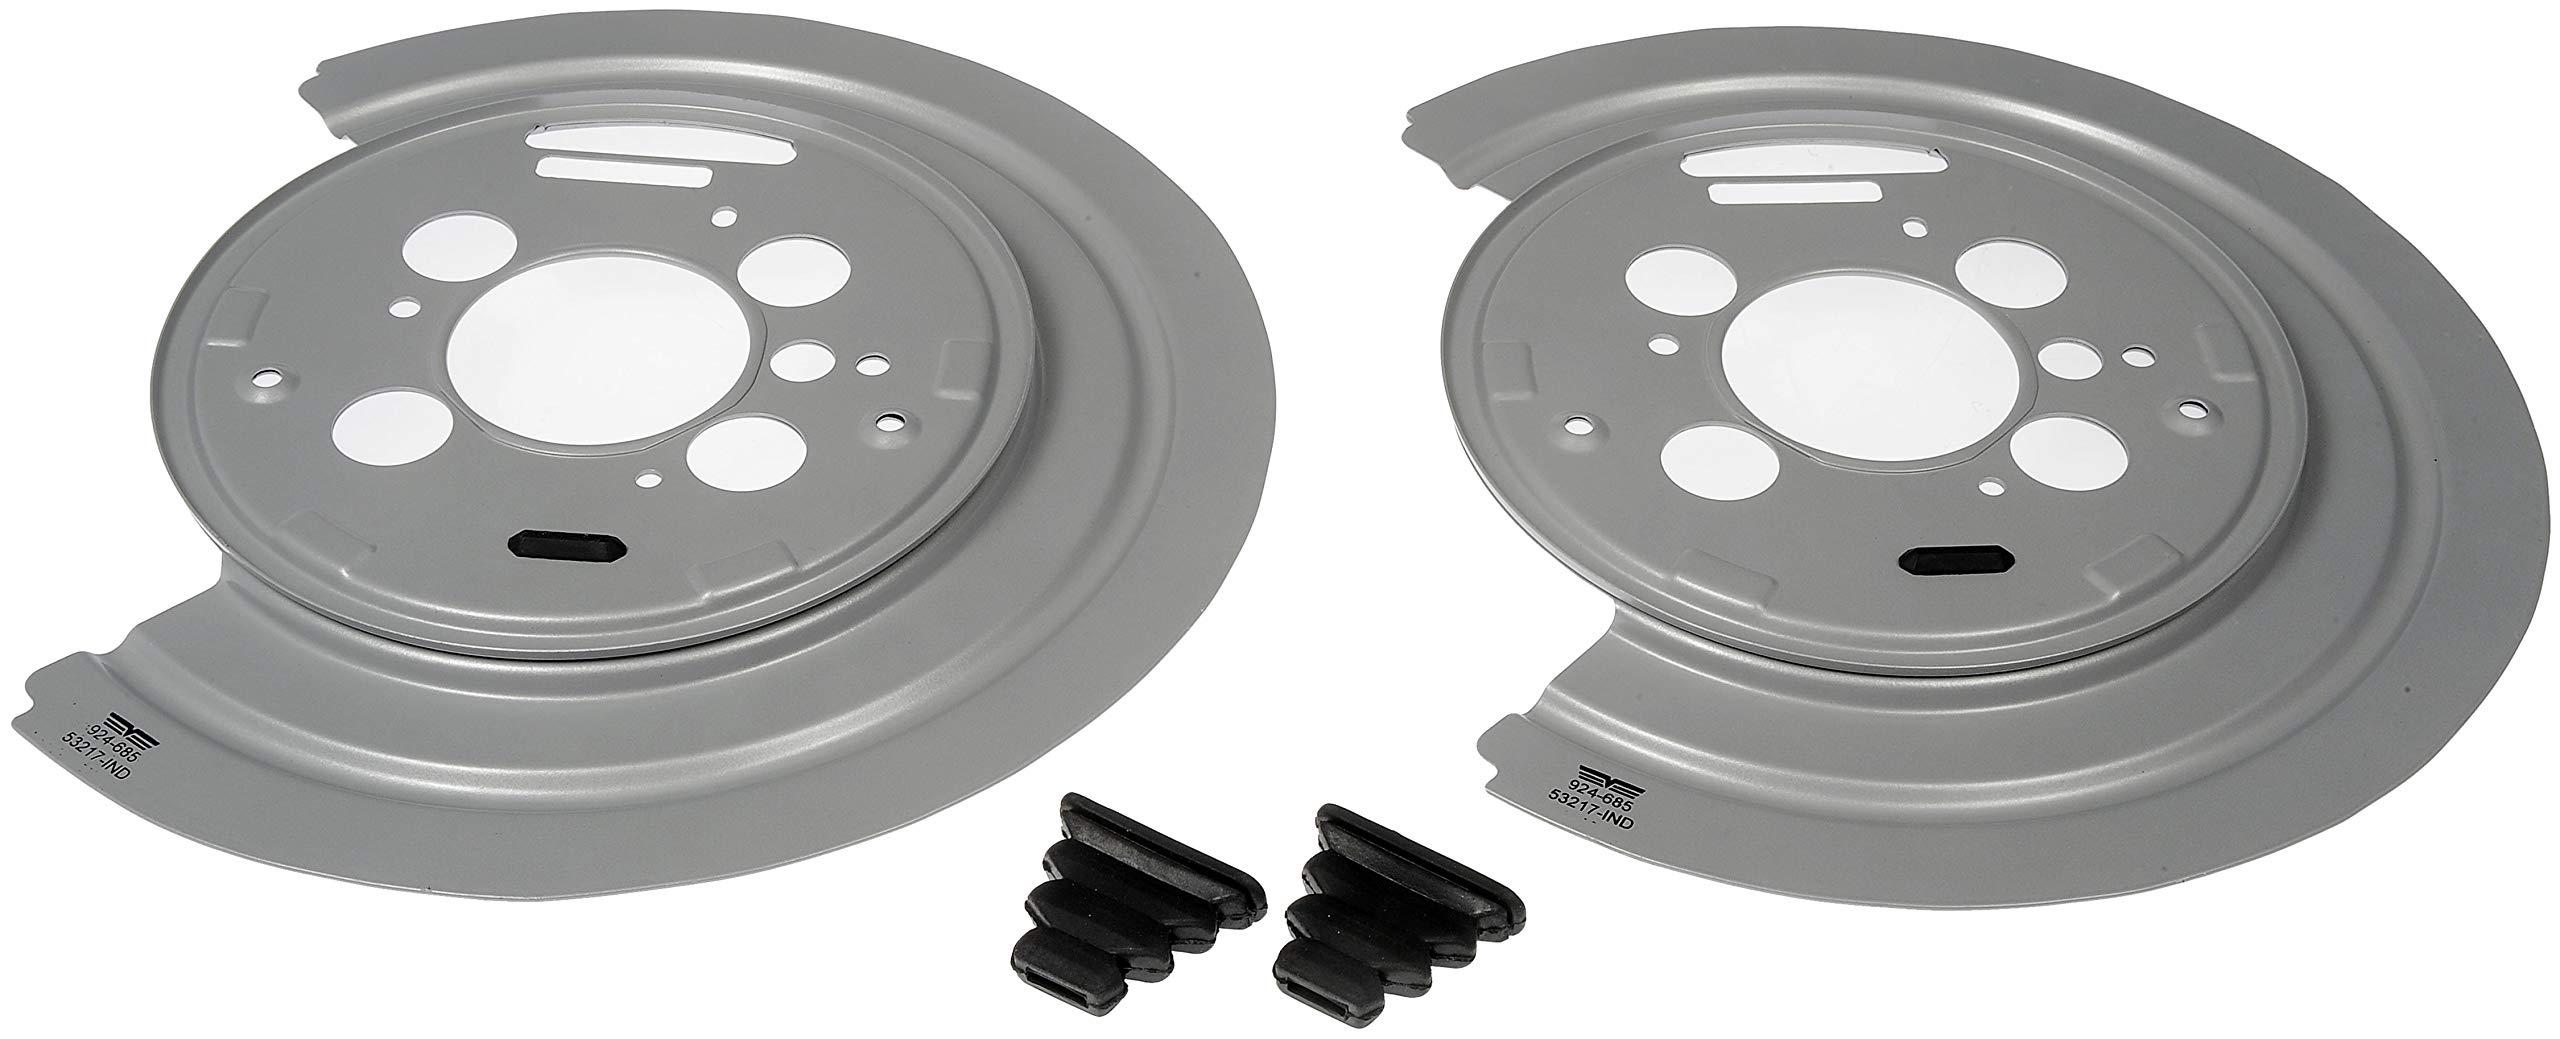 Dorman 924-685 Brake Dust Shield - 1 Pair for Select Models, 2 Pack by Dorman